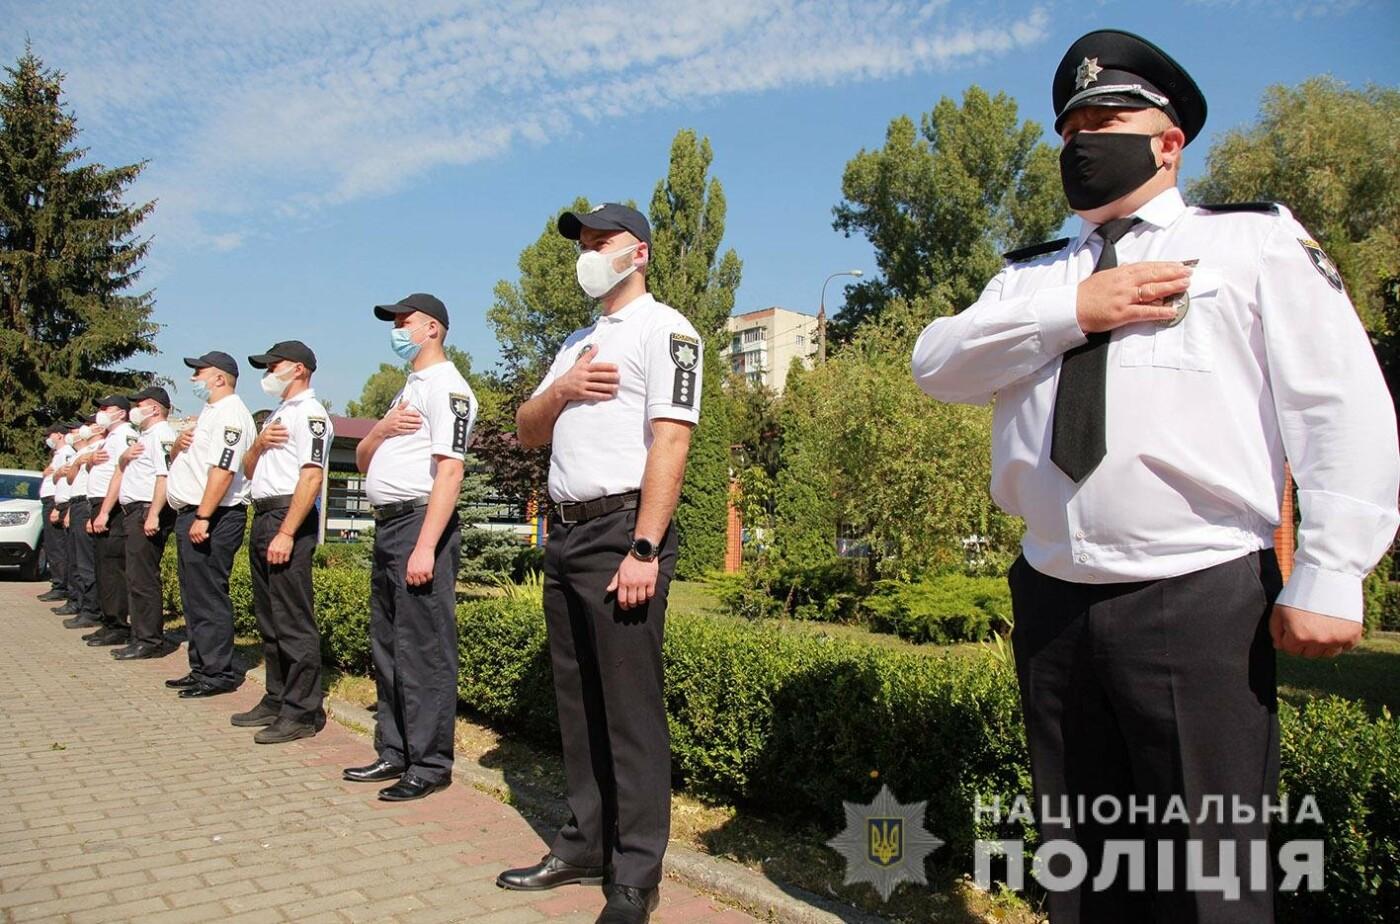 Поліцейські Кам'янець-Подільського району отримали новий службовий автомобіль, фото-4